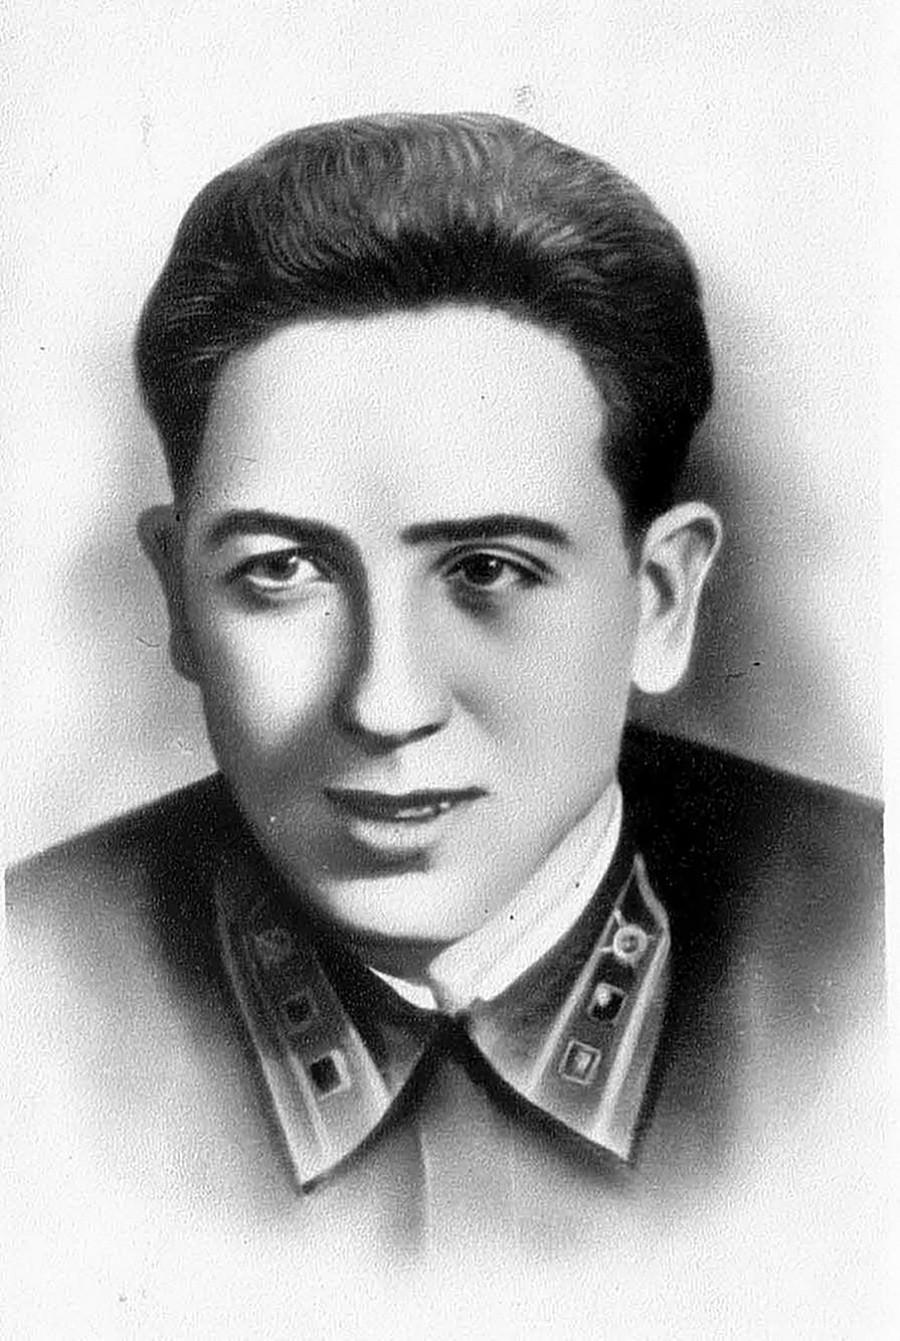 Heroj Sovjetskog Saveza, Ruben Ibaruri